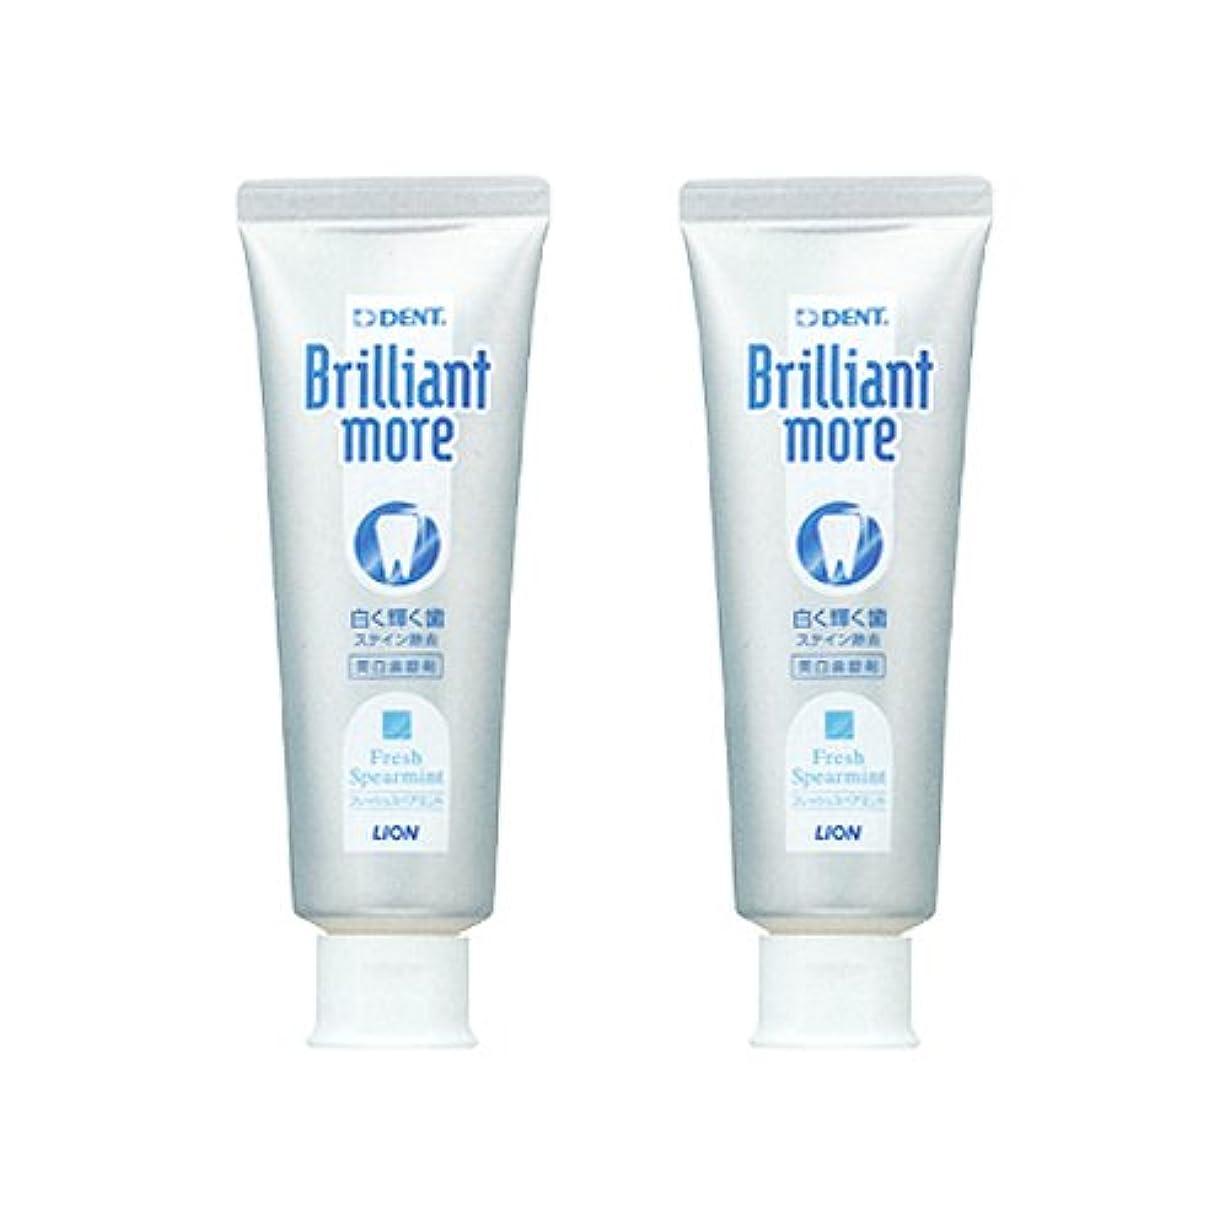 プレートソーダ水同様にブリリアントモア 歯科用 美白歯磨剤 90g × 2本 フレッシュスペアミント (フレッシュスペアミント)